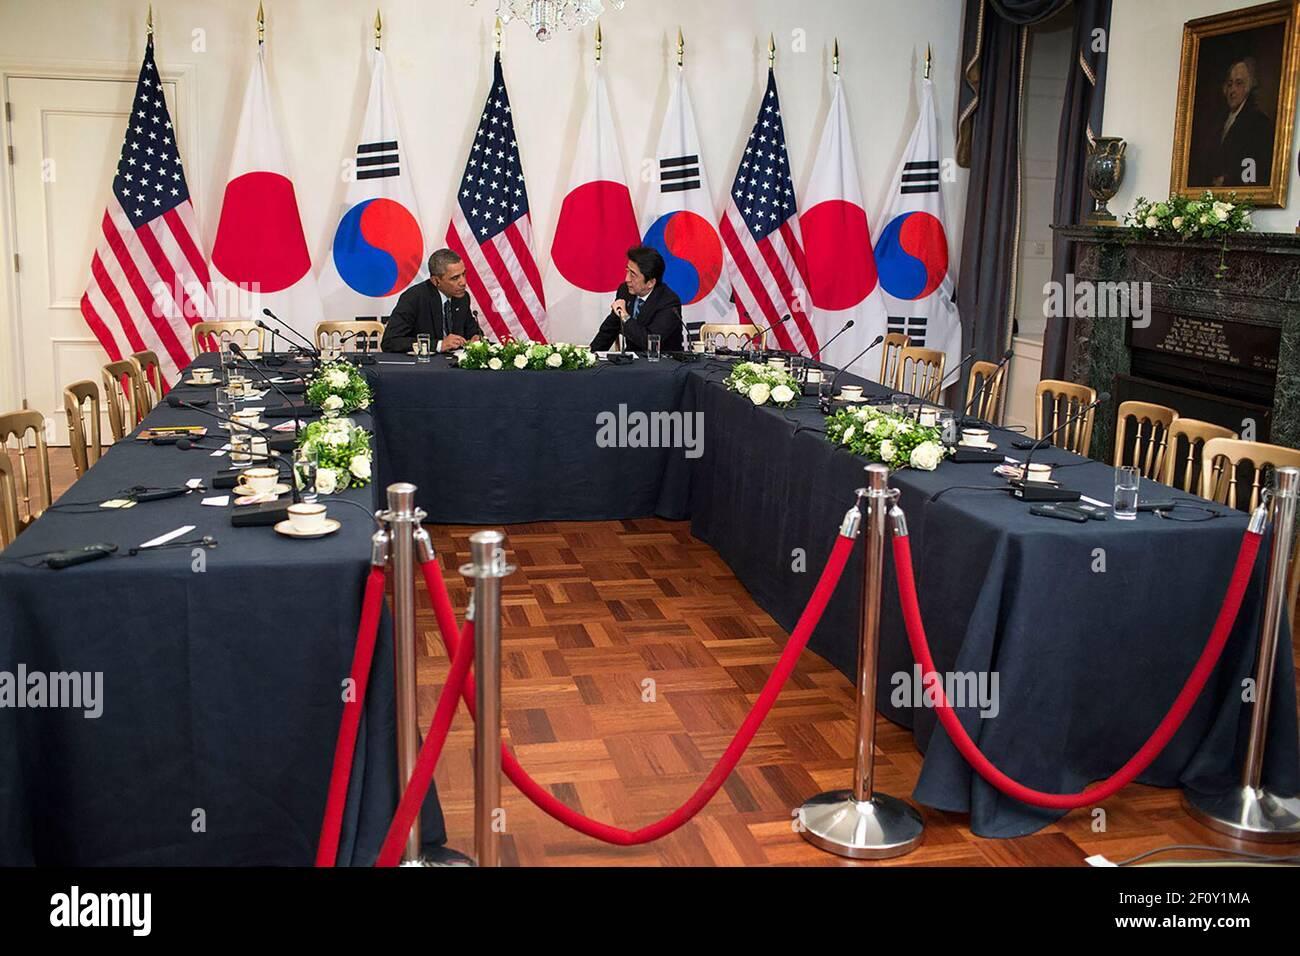 Präsident Barack Obama spricht mit dem japanischen Premierminister Shinzo Abe in der Residenz des US-Botschafters in Den Haag, Niederlande, 25. März 2014 Stockfoto